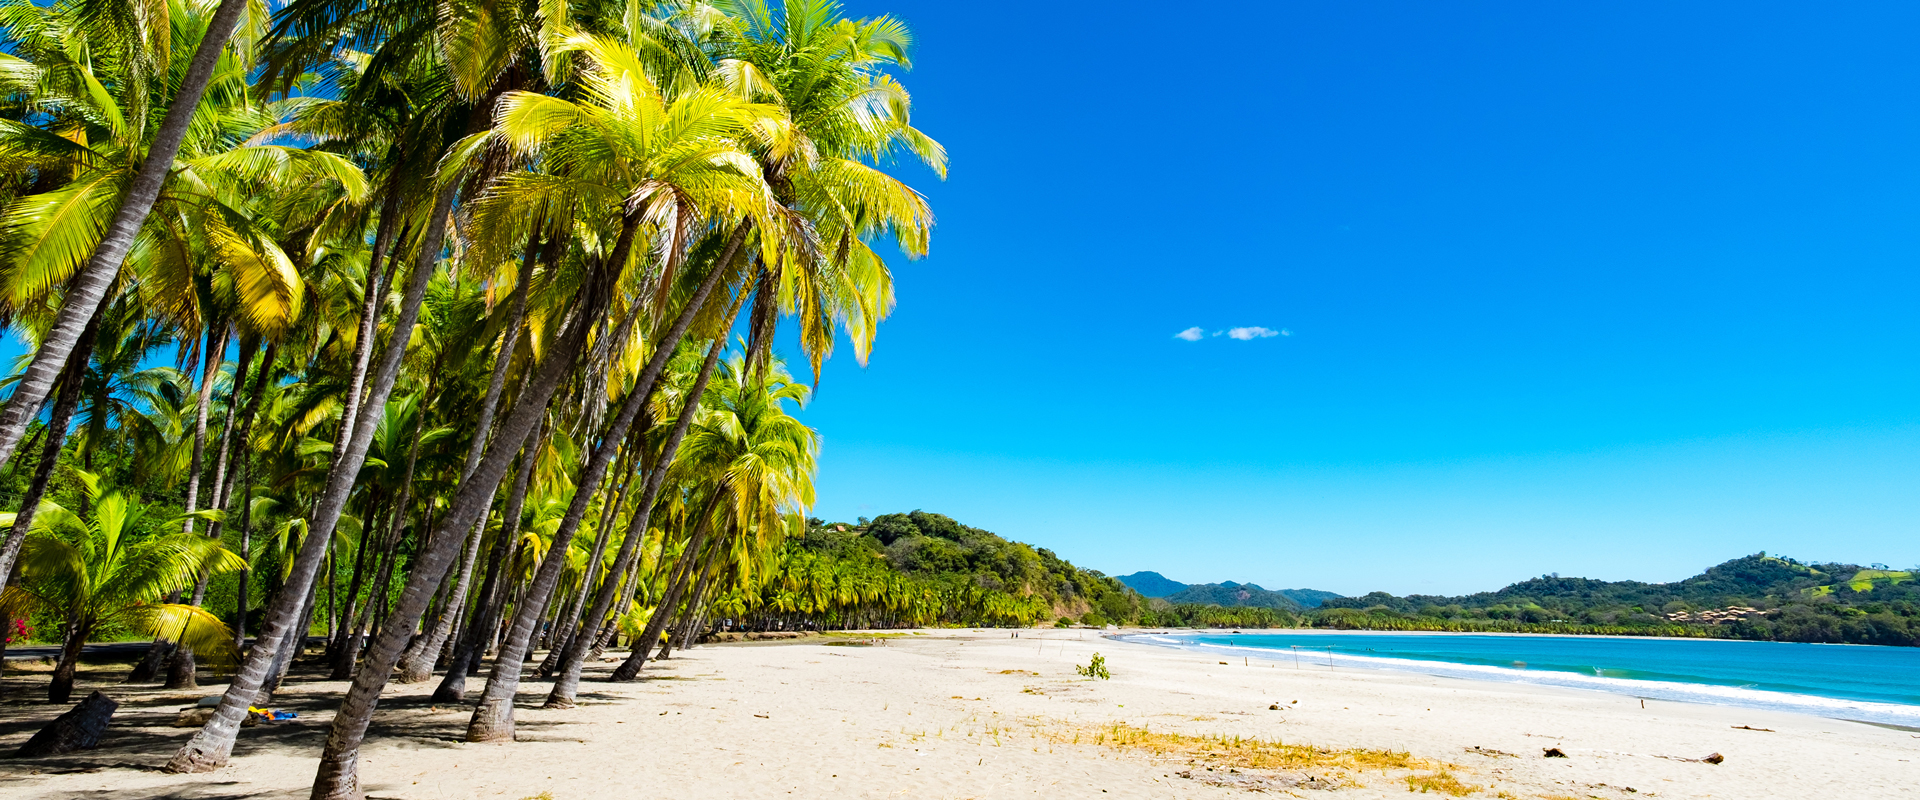 Costa Rica | Plages bordées de cocotiers